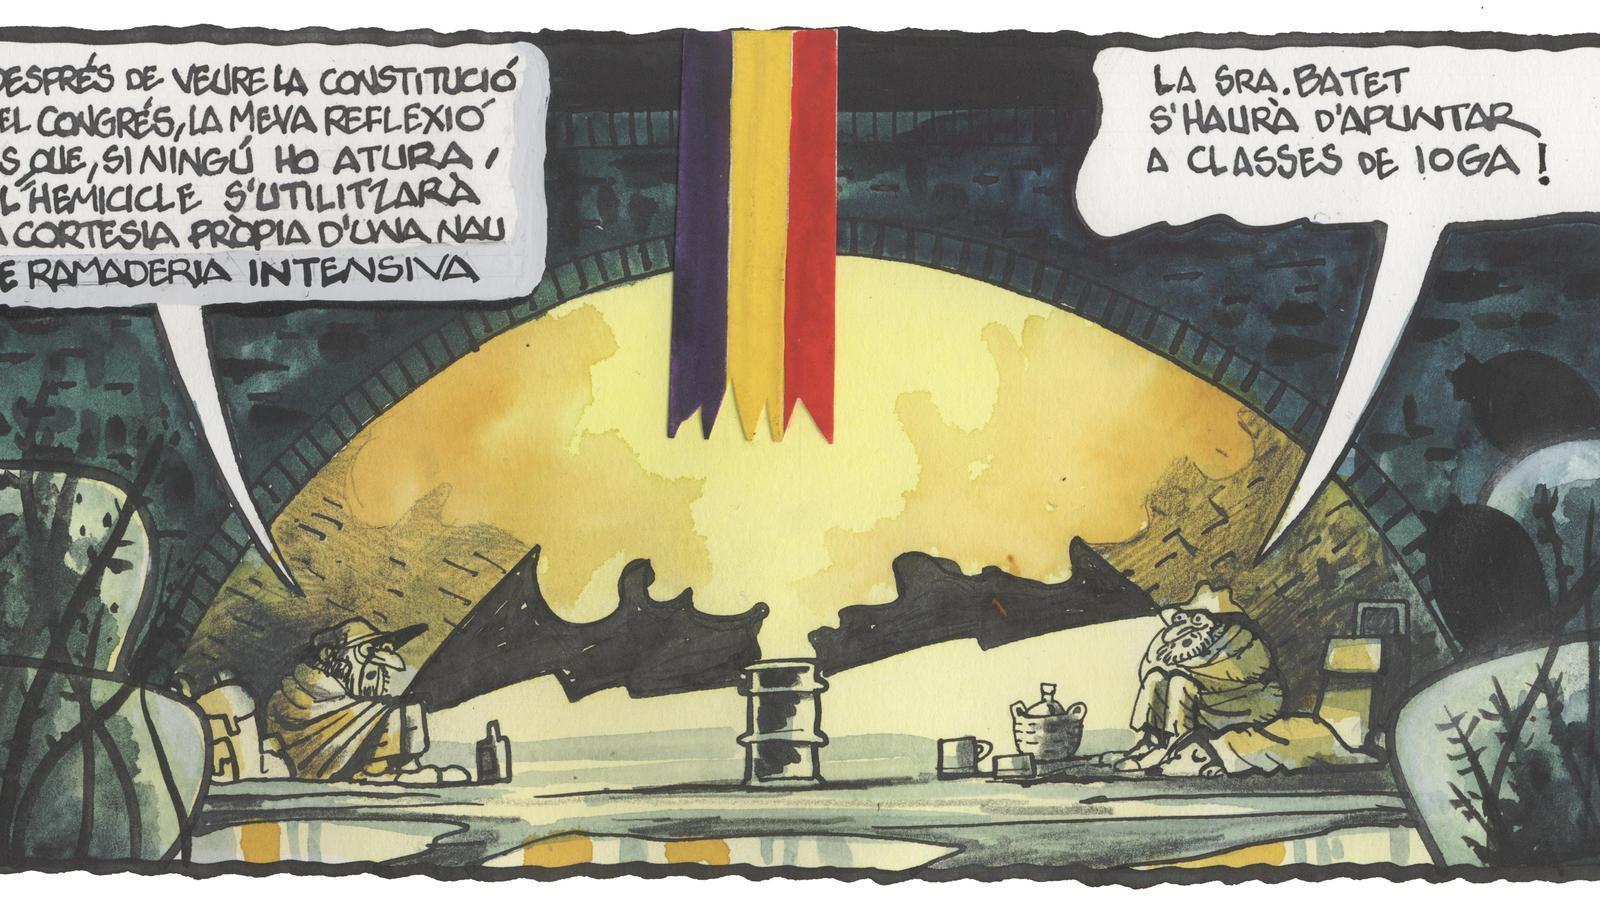 'A la contra', per Ferreres 25/05/2019